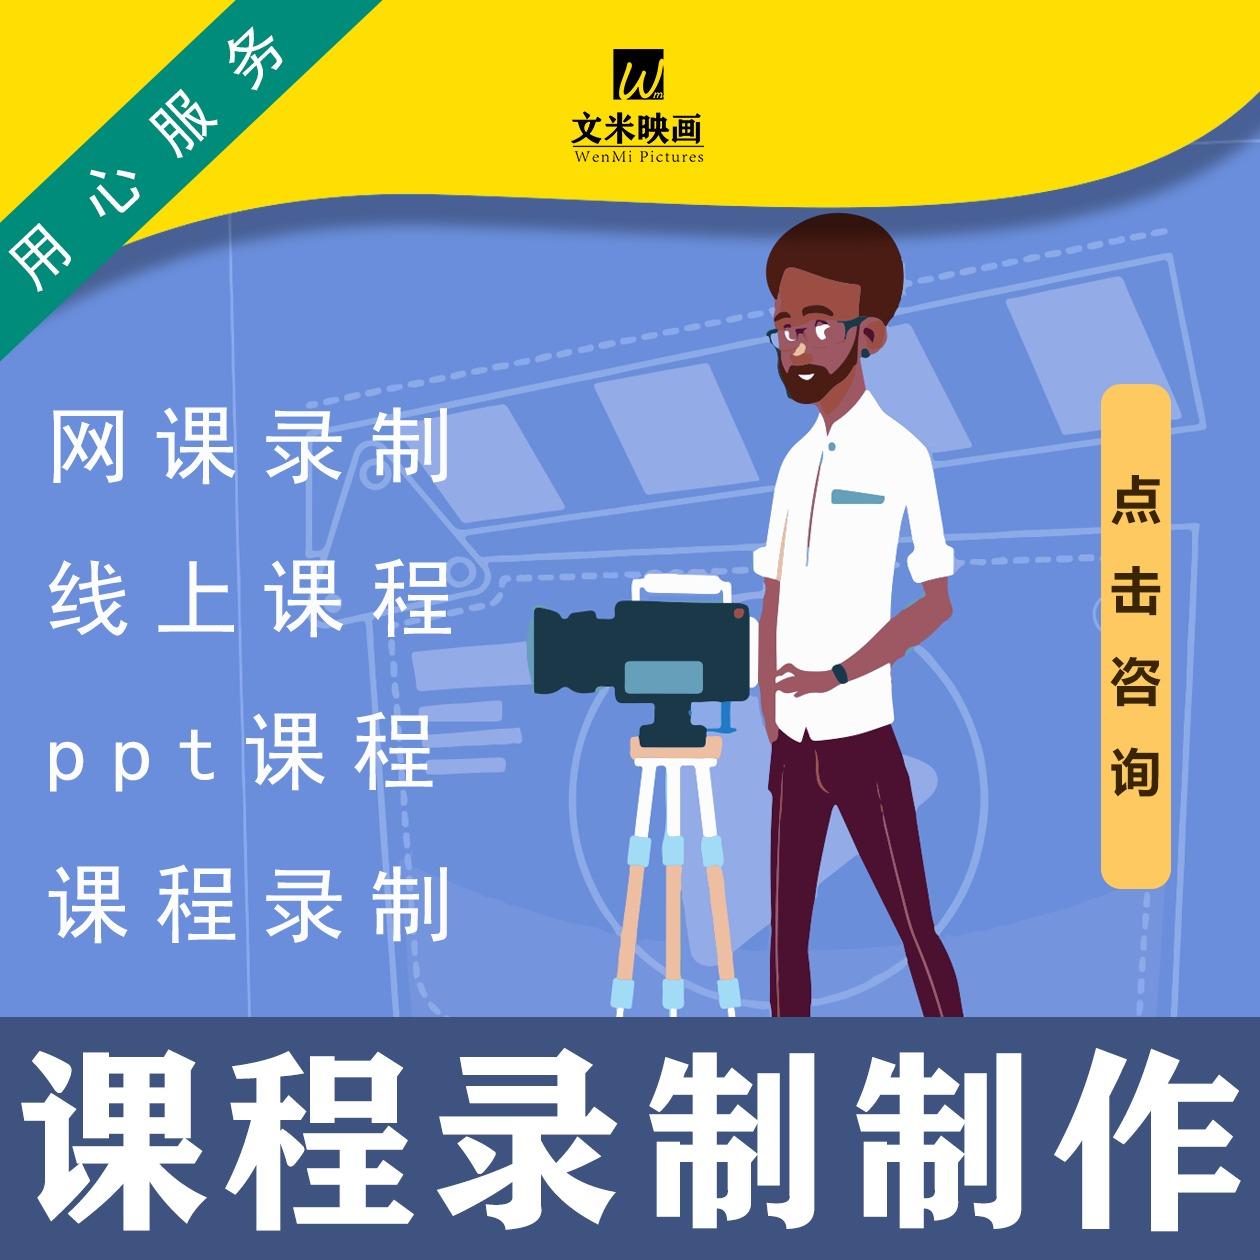 音视频影视拍摄课程录制网课中期拍摄录制后期制作剪辑